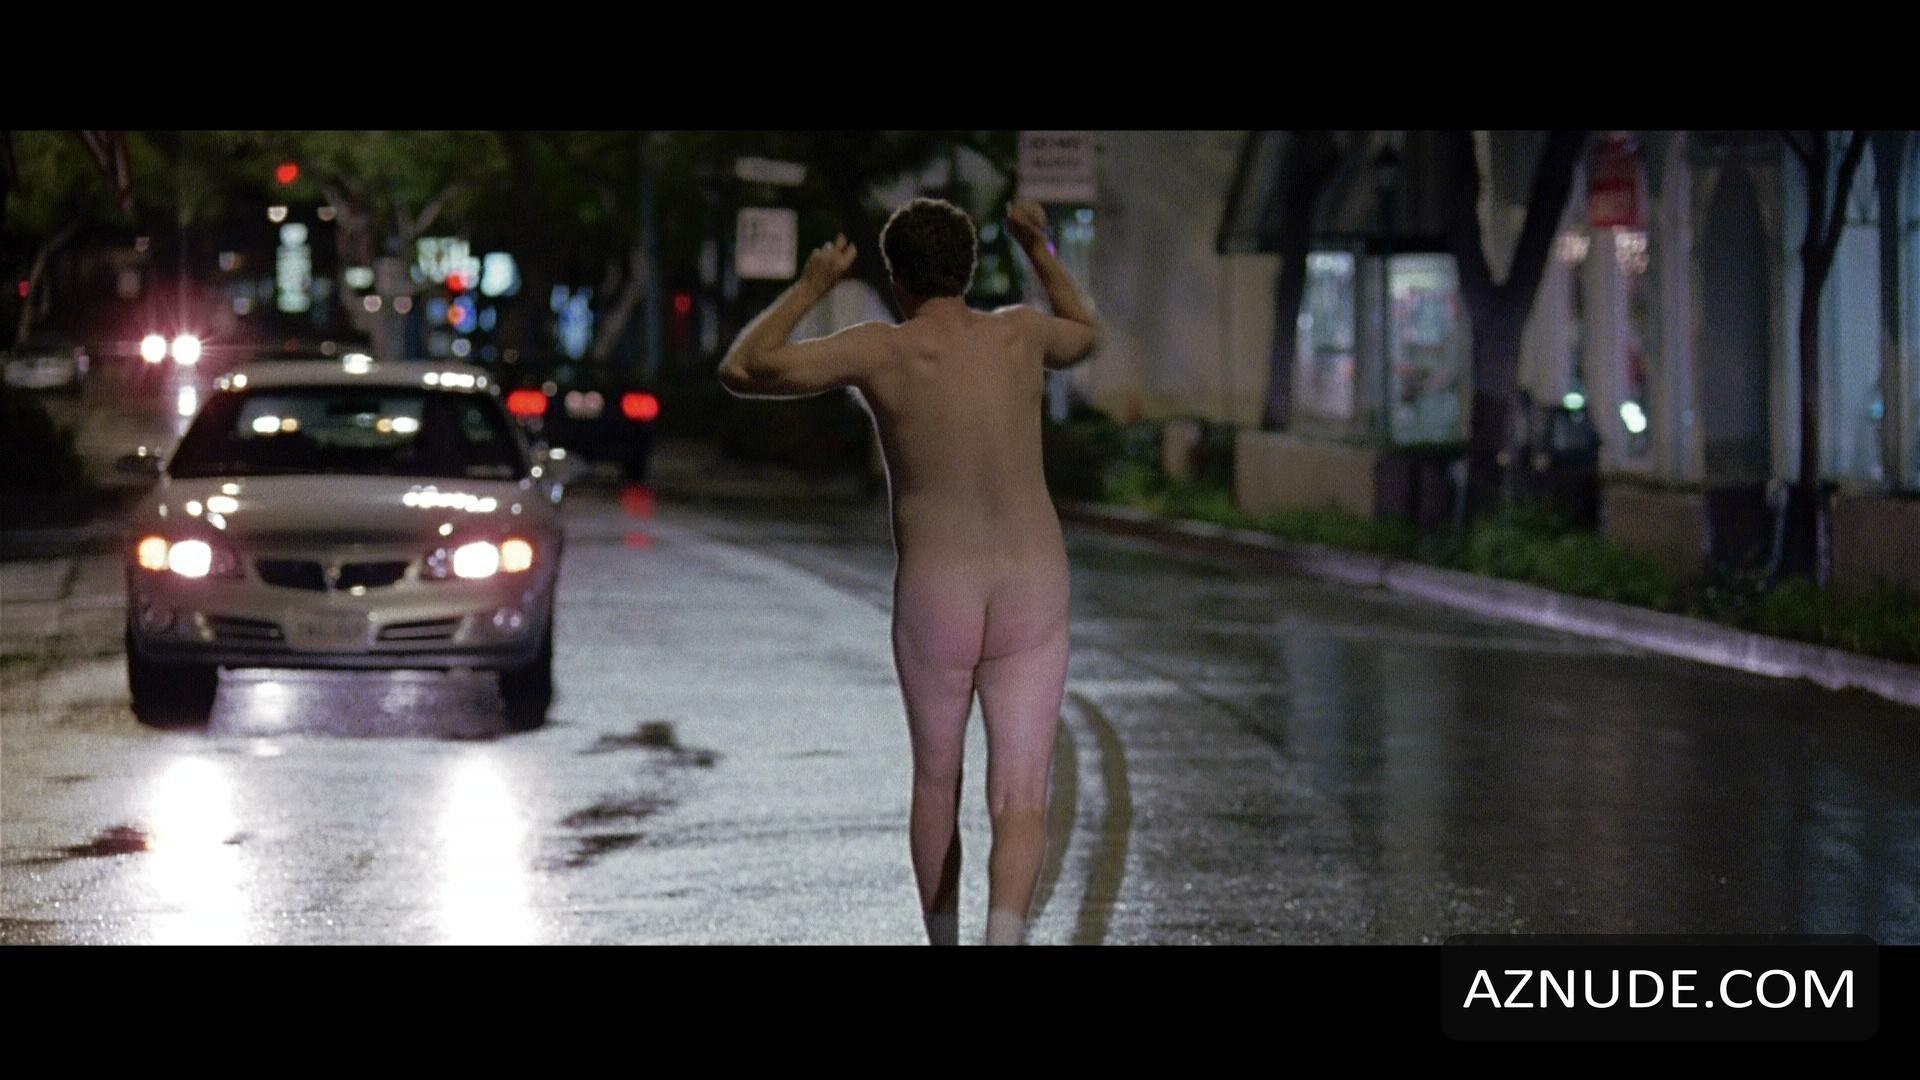 Nude Images Craigslist org los angeles